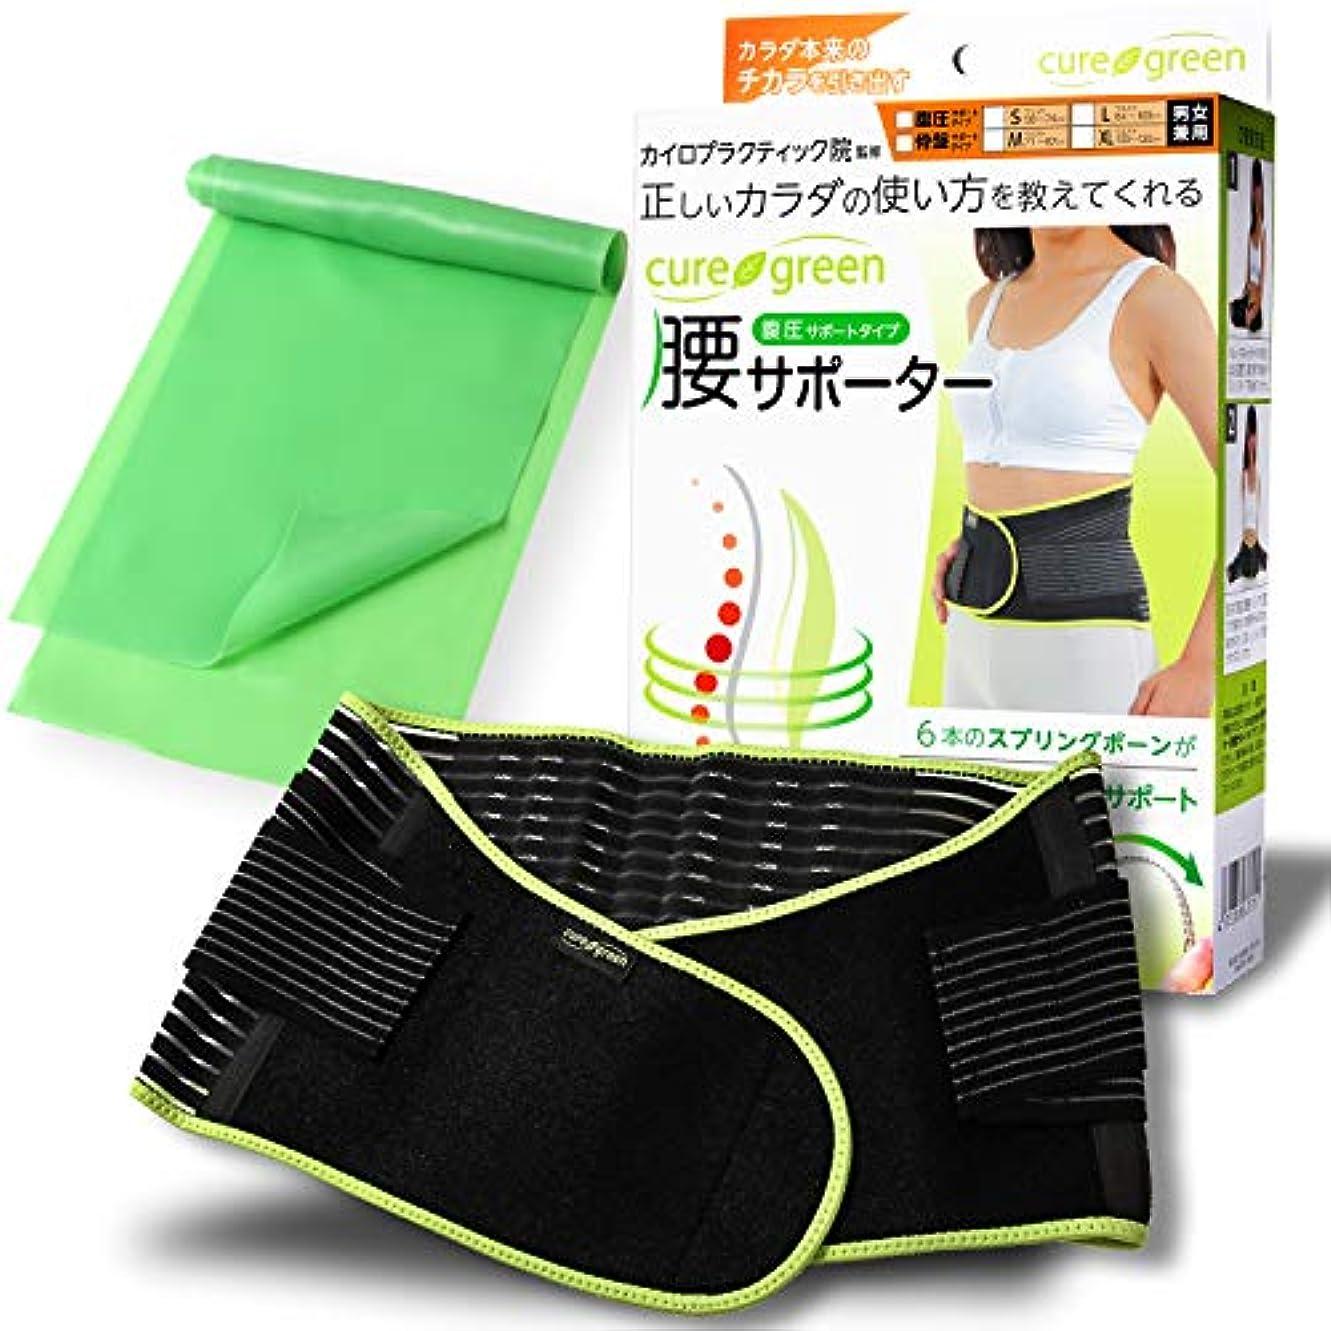 皮平行ドラマcure green 腰痛 コルセット 腰痛ベルト + エクササイズ用ゴムバンドのトレーニングセット 腰ベルト カイロプラクティック流 トレーニングマニュアル付属 M